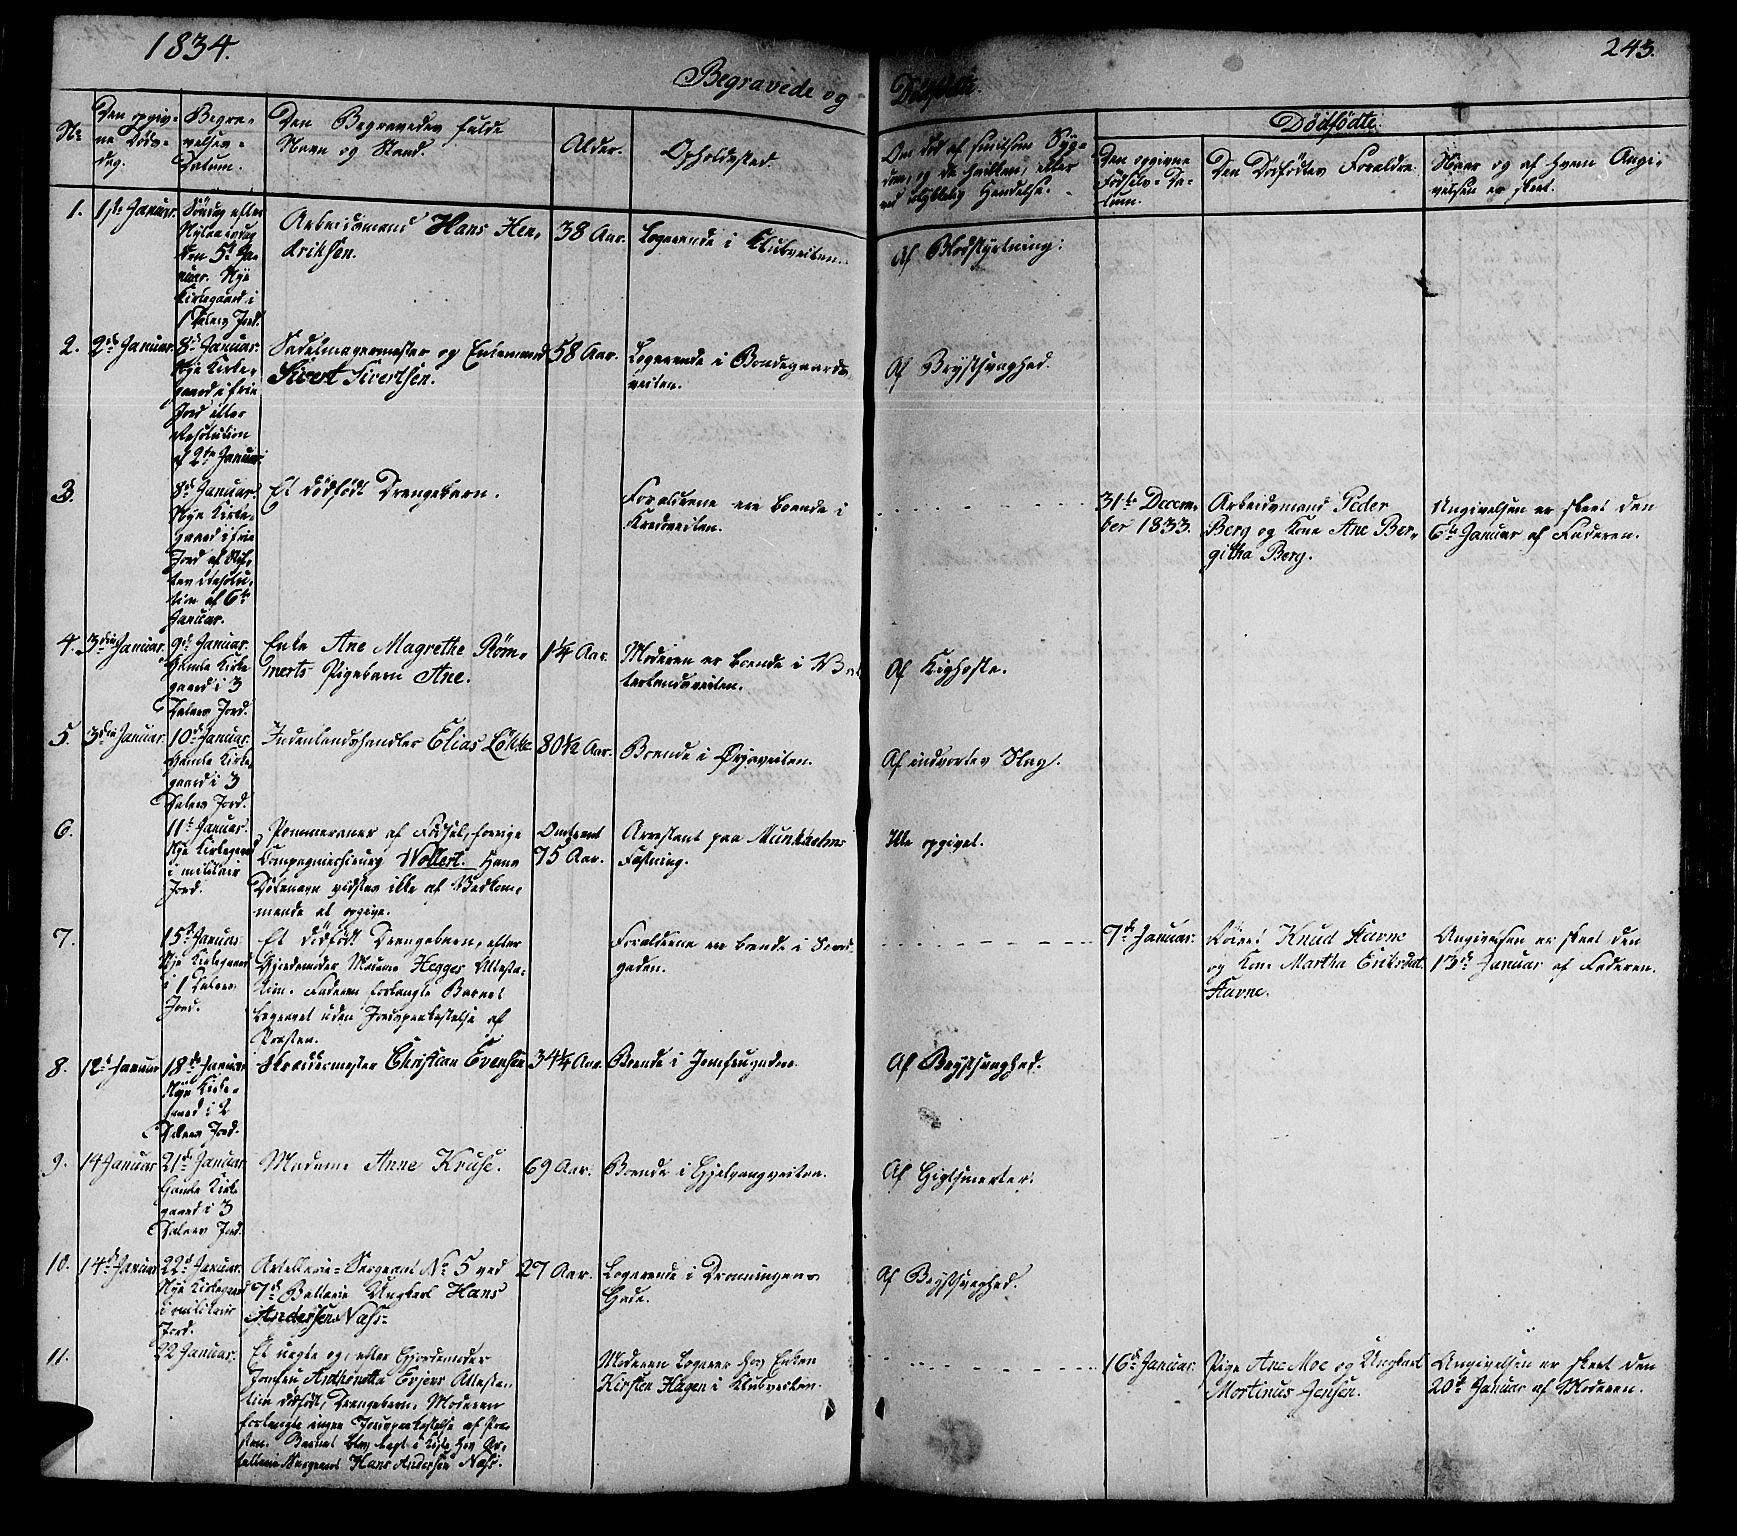 SAT, Ministerialprotokoller, klokkerbøker og fødselsregistre - Sør-Trøndelag, 602/L0136: Klokkerbok nr. 602C04, 1833-1845, s. 243